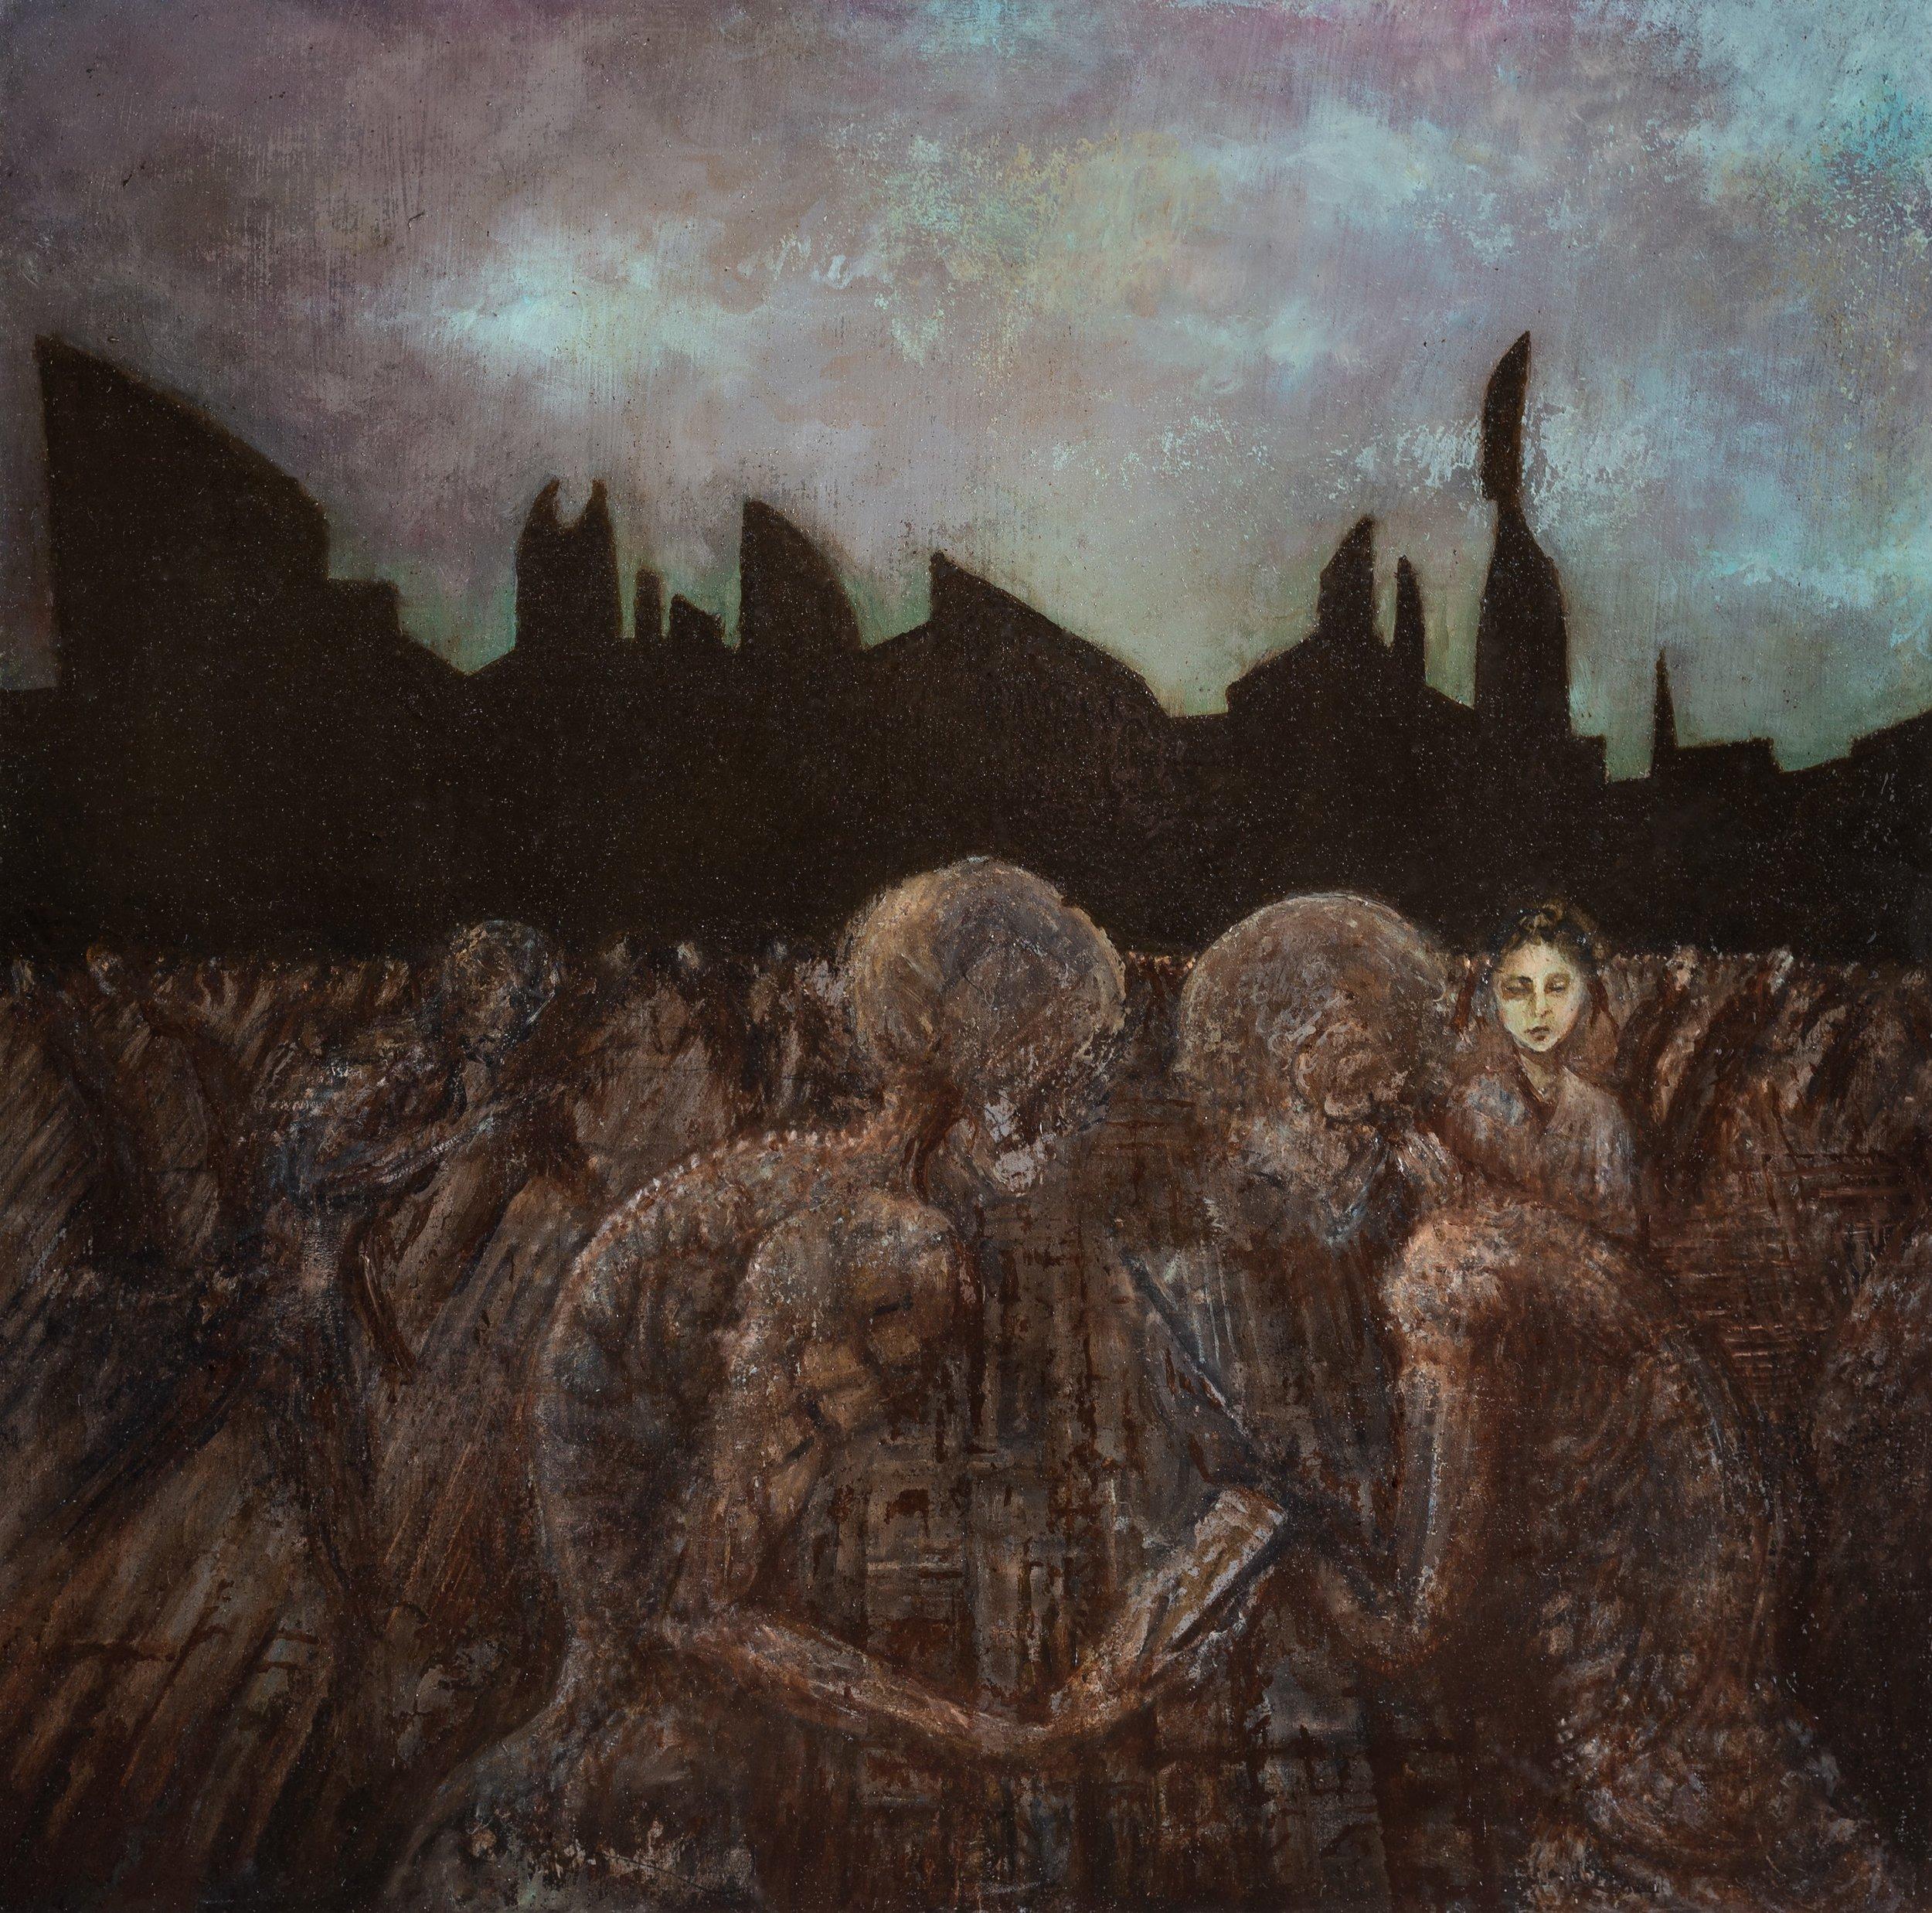 Artwork by Kenneth Lien